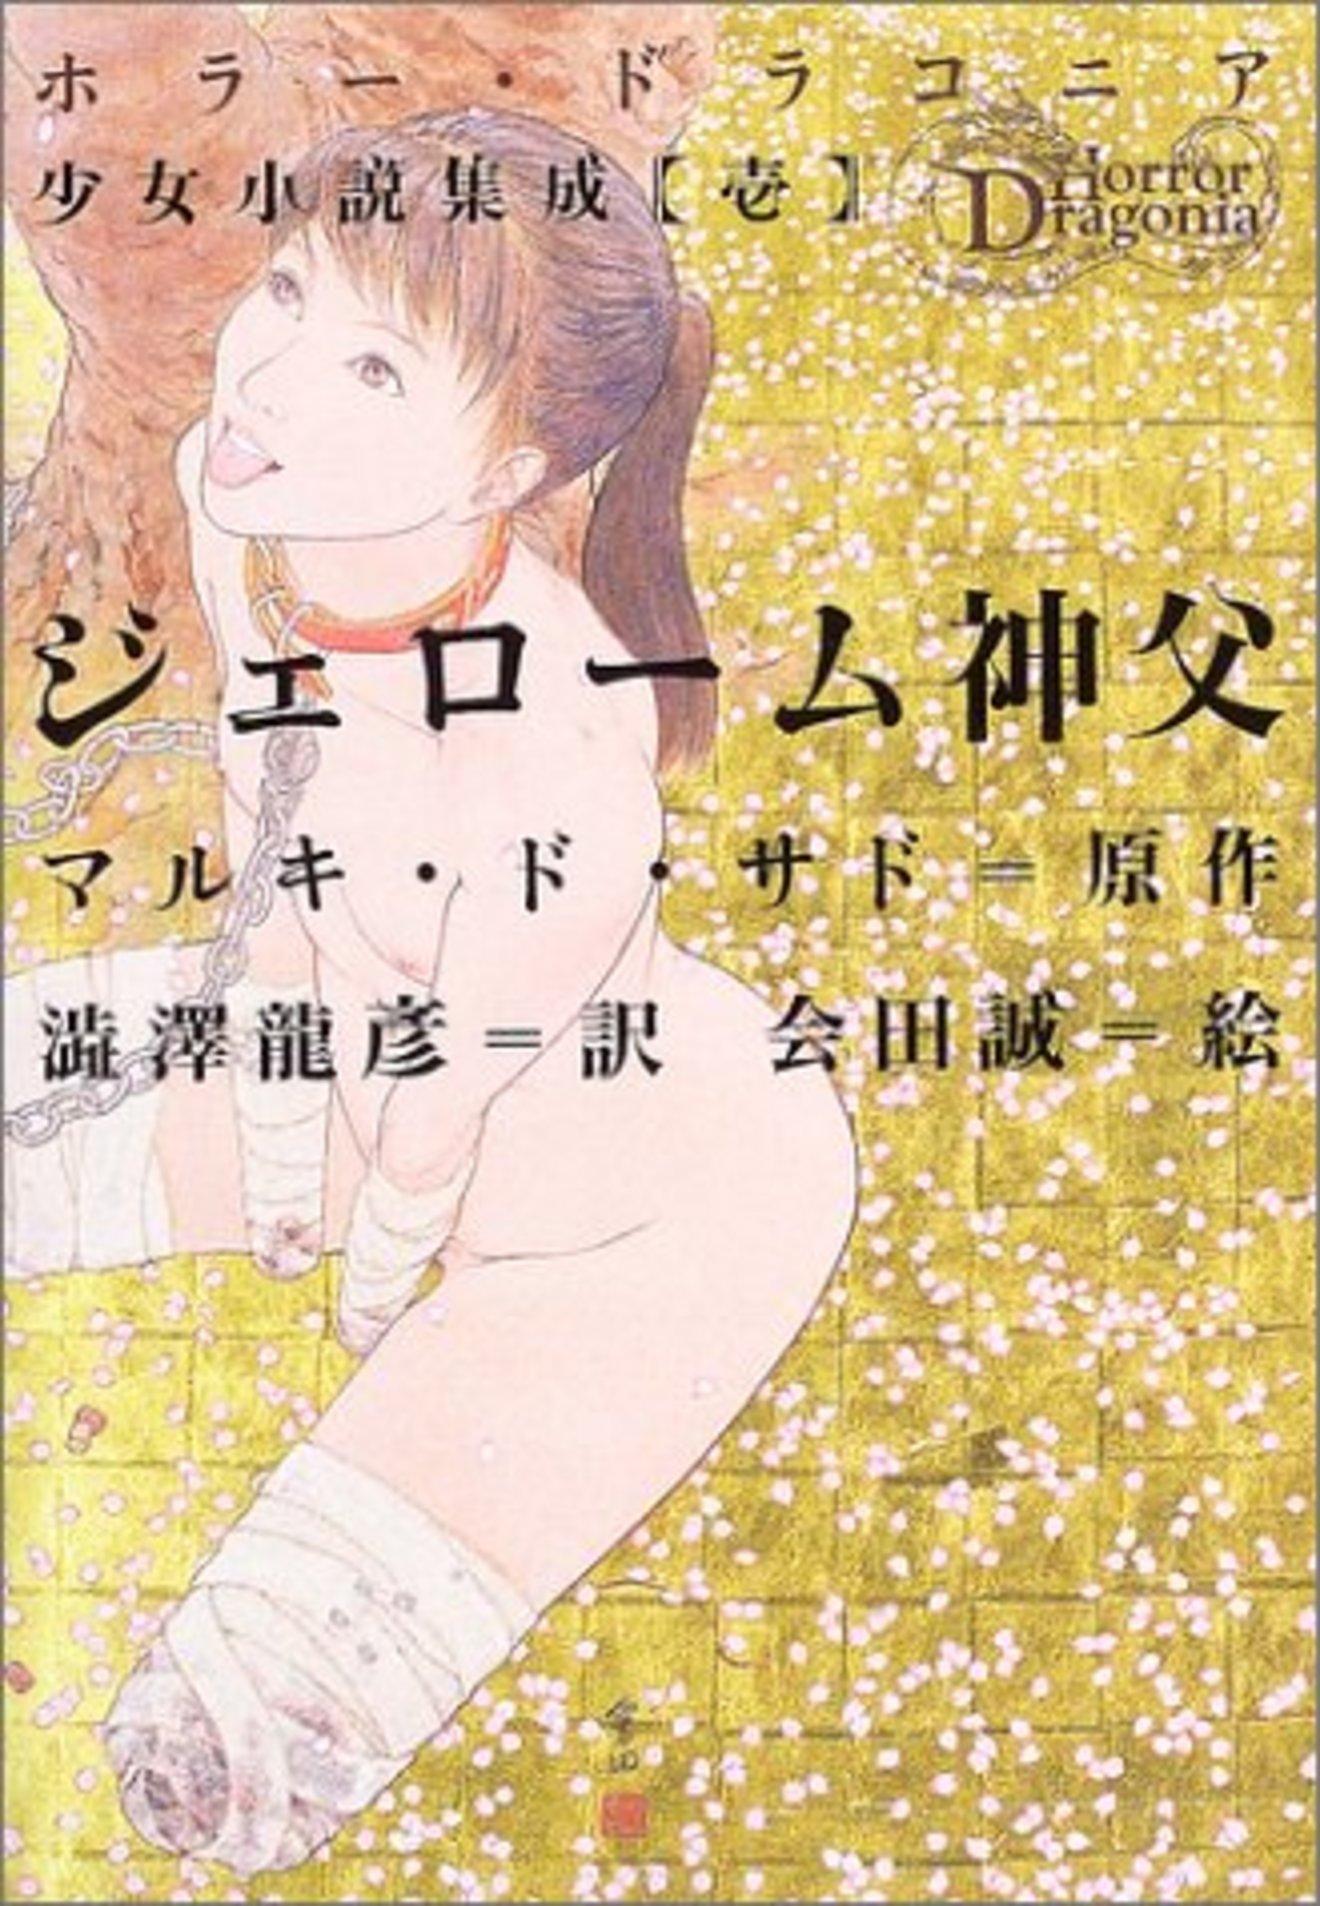 会田誠のおすすめ作品5選!美少女絵やエログロを開拓した天才現代美術家!